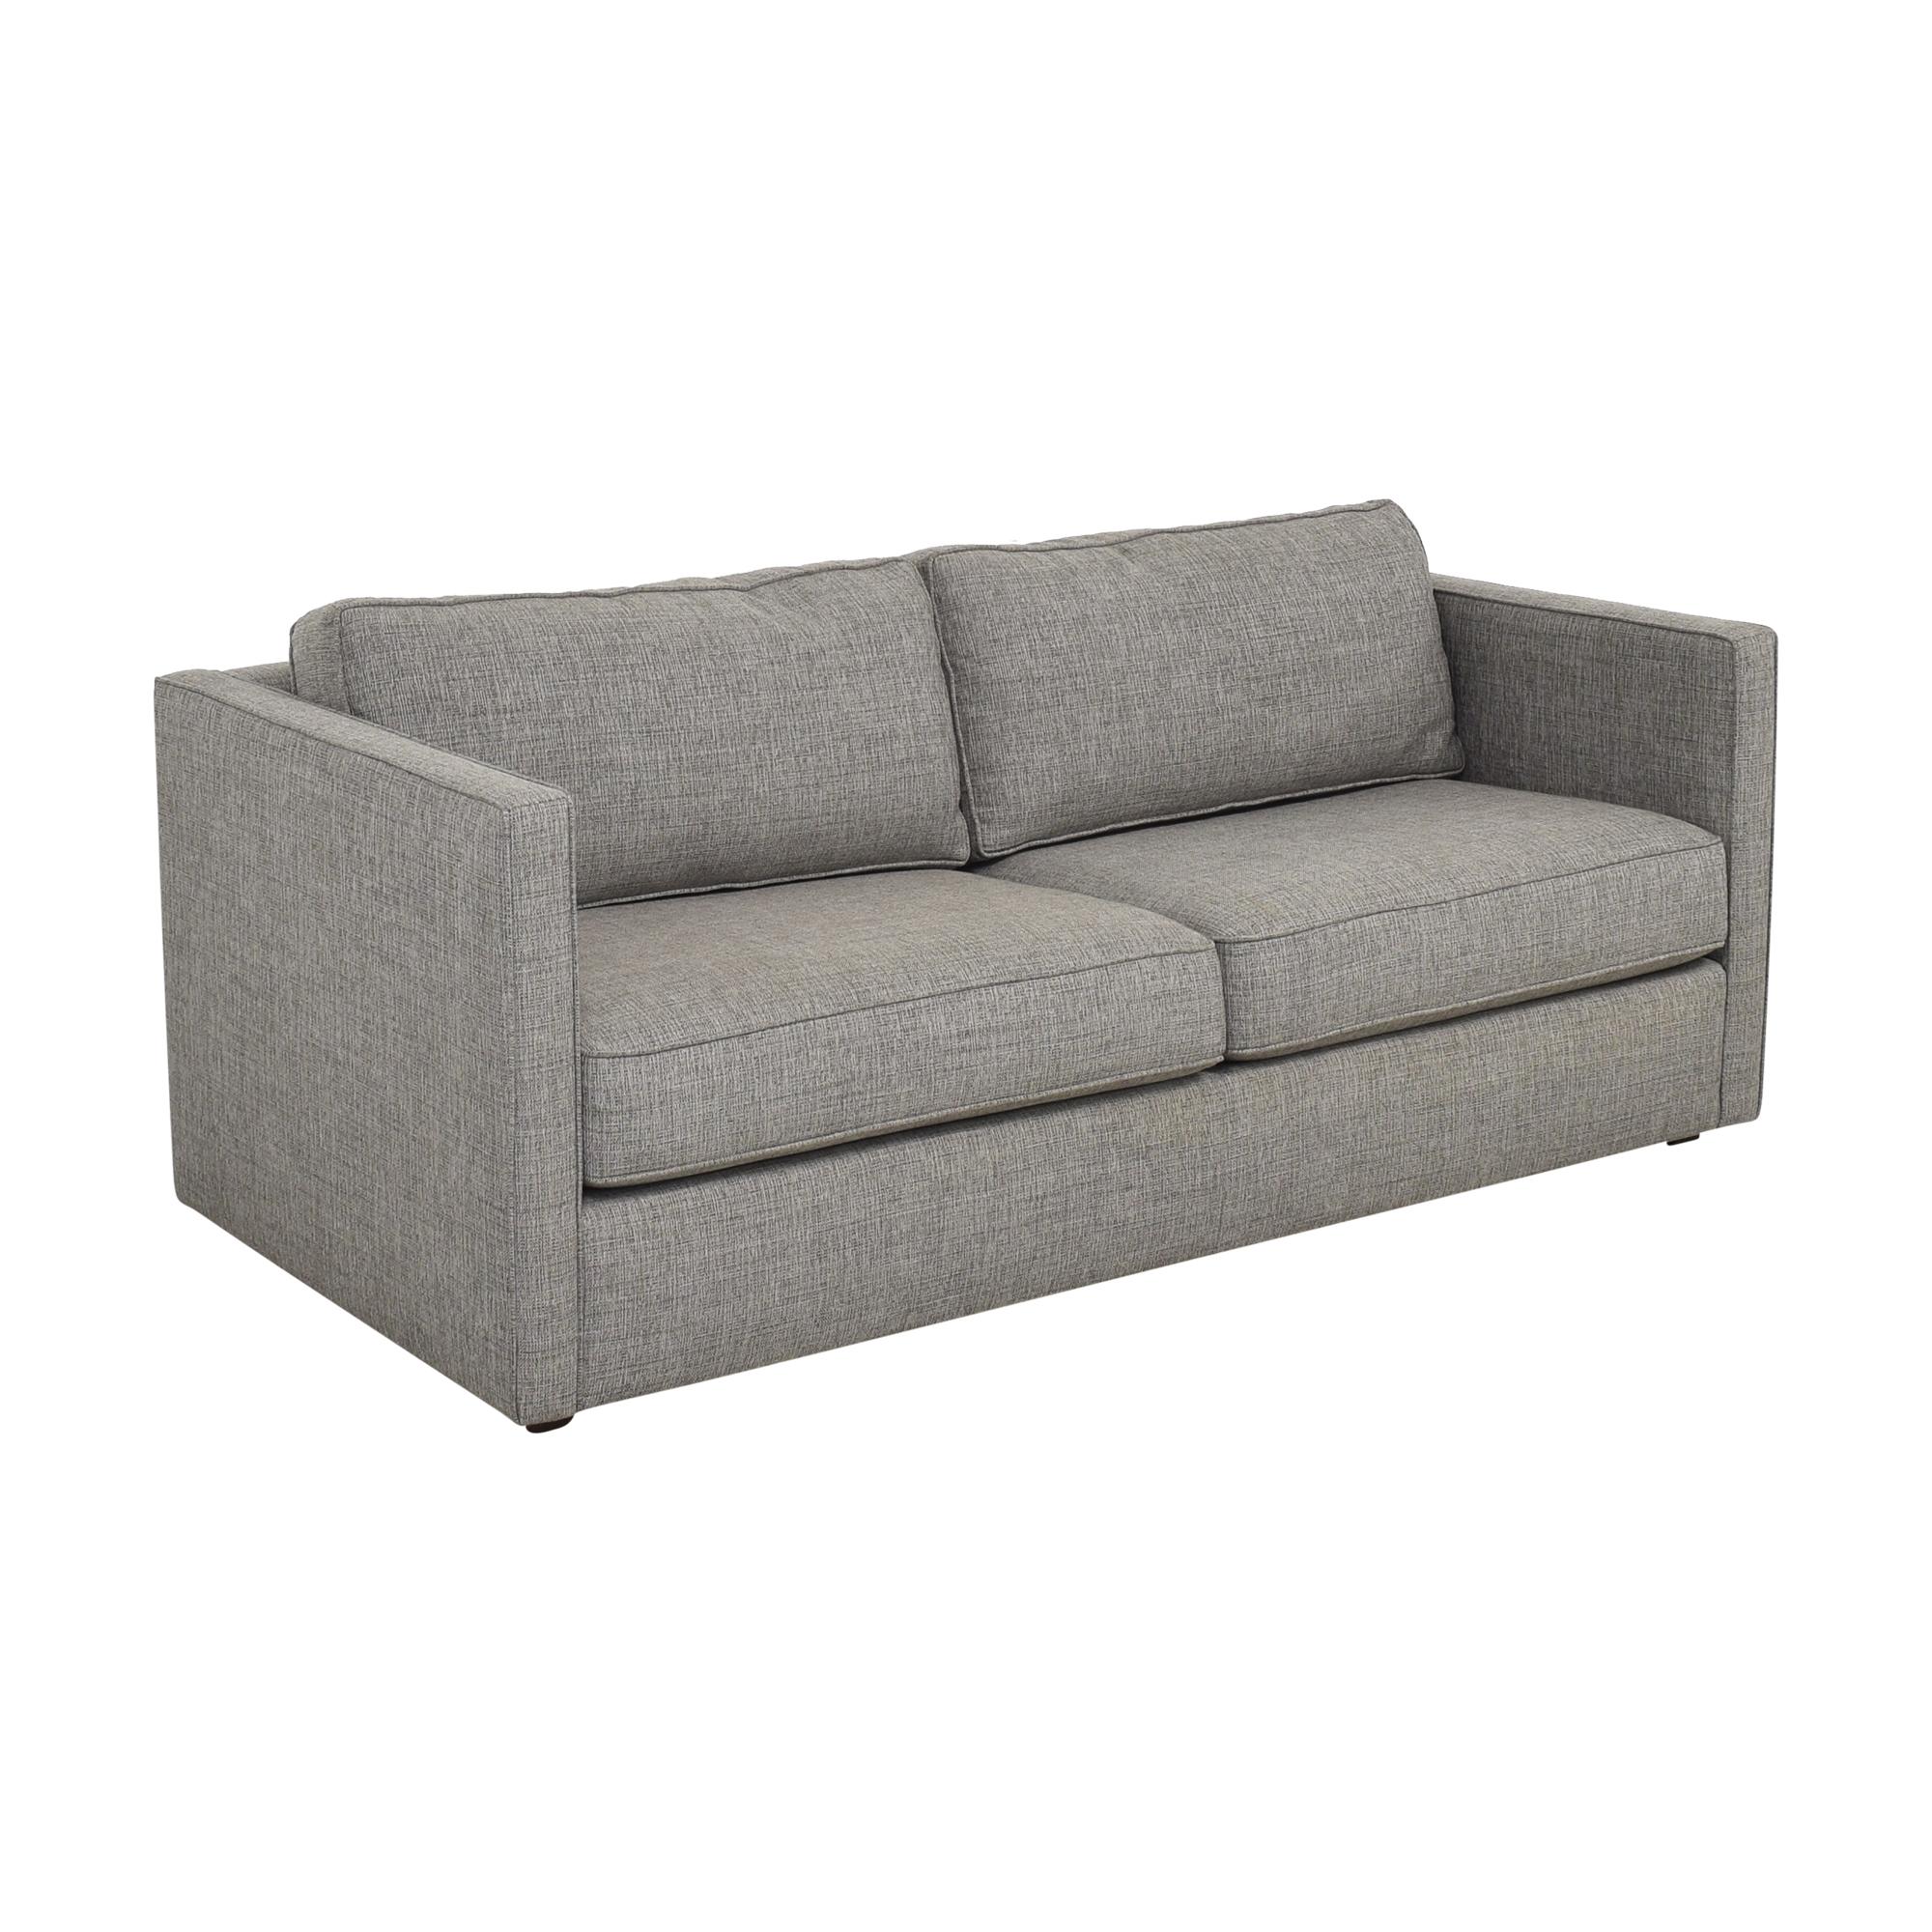 Room & Board Room & Board Watson Guest Select Sleeper Sofa grey